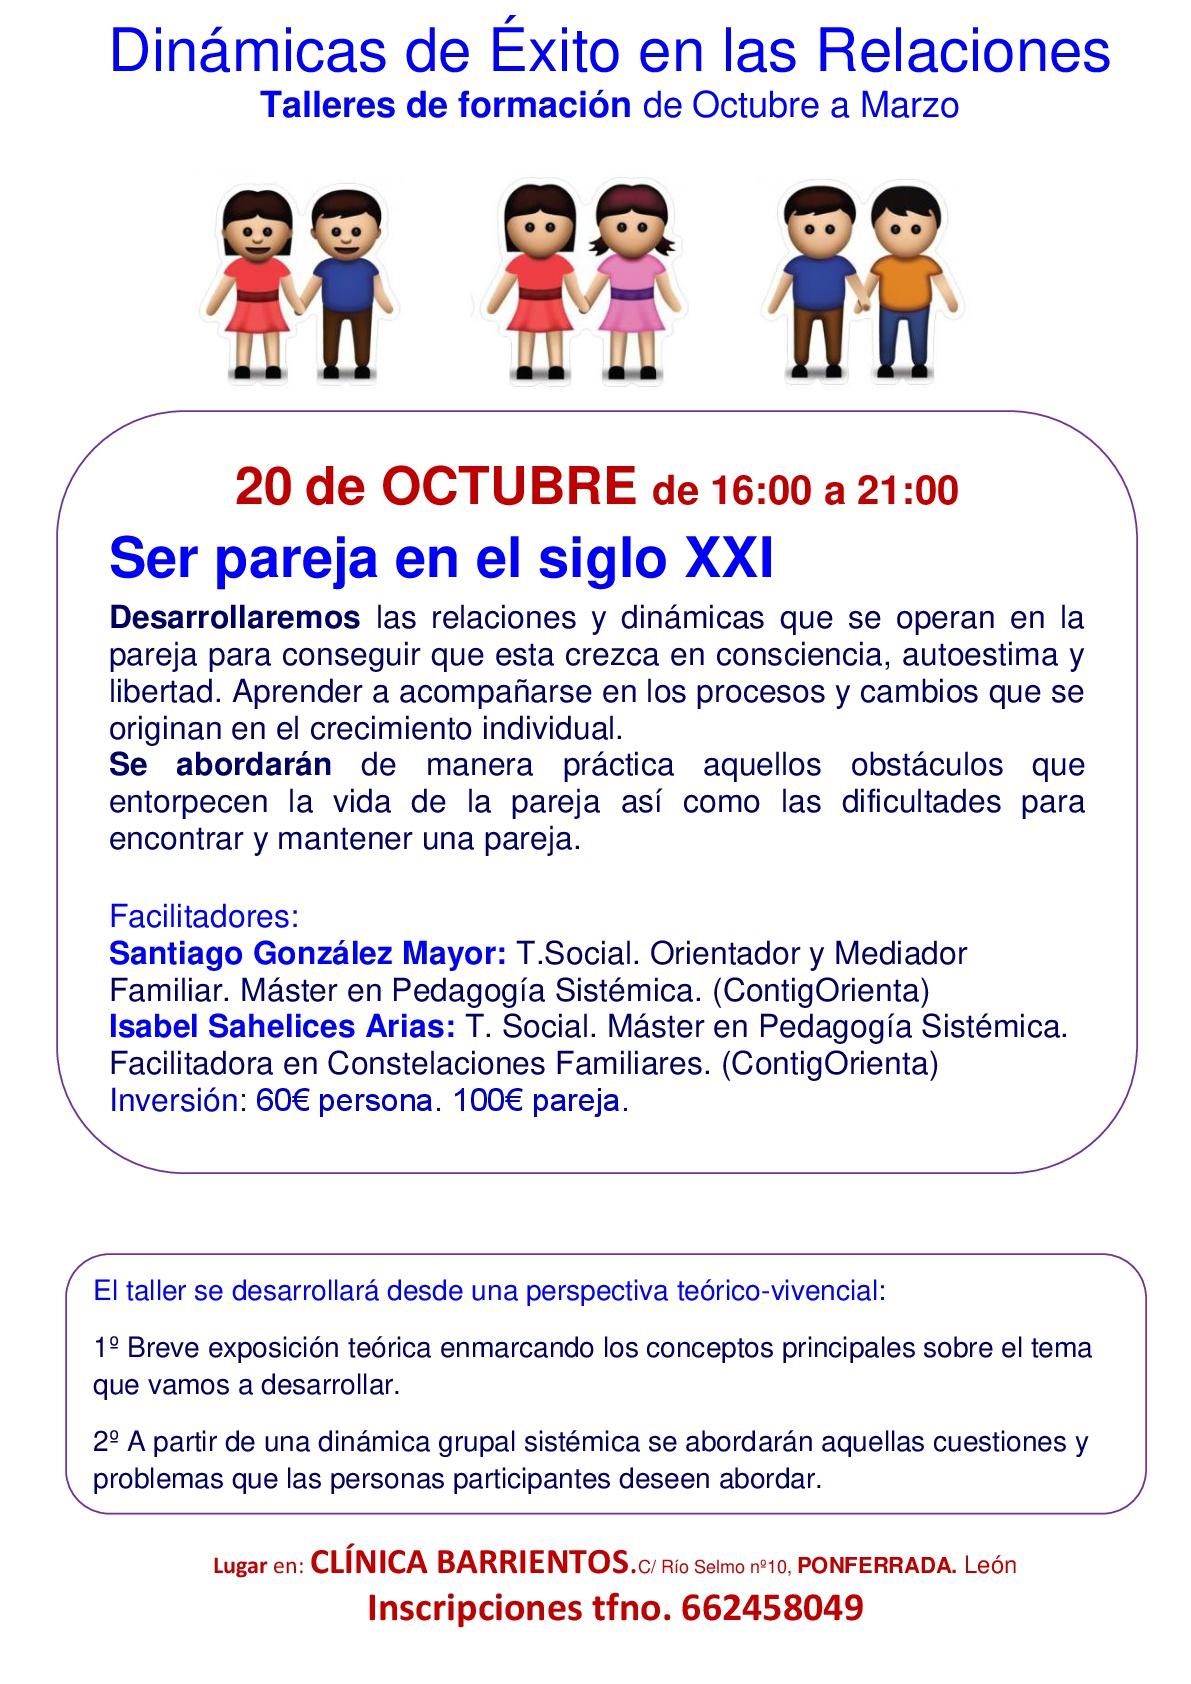 Planes para el fin de semana en Ponferrada y el Bierzo 19 al 21 de octubre 2018 17